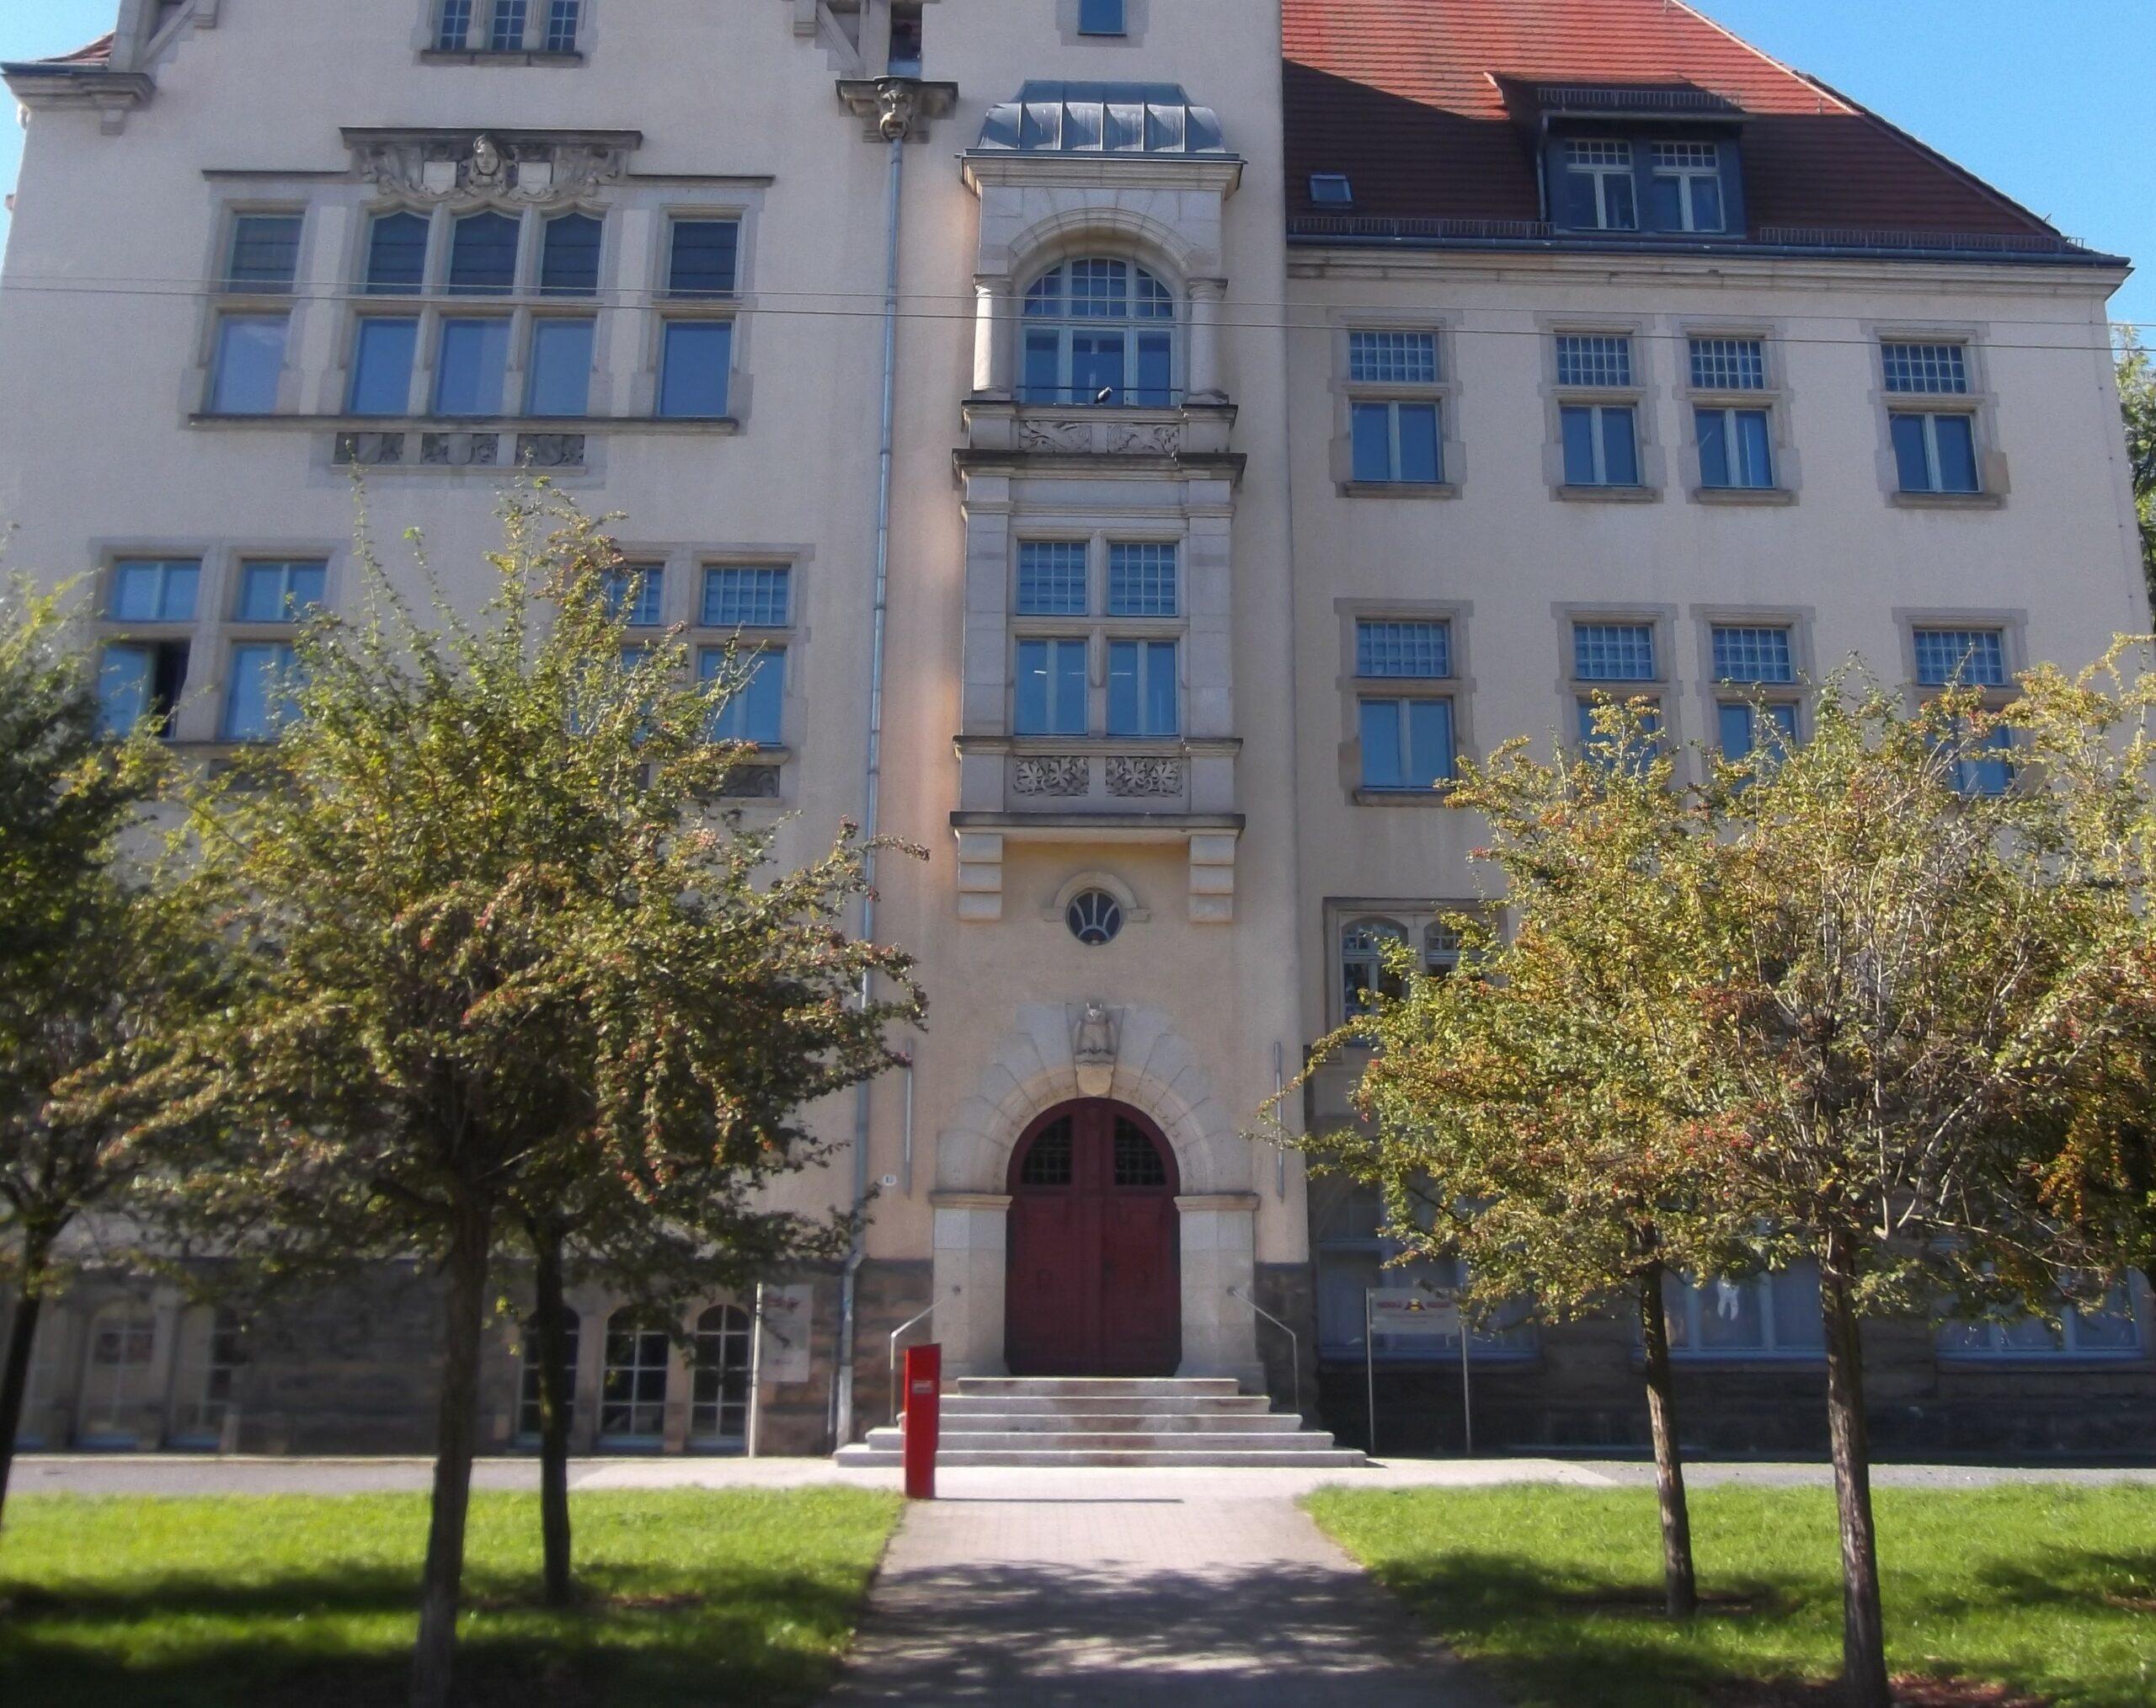 Niedersedlitzer Orts- und Industriegeschichte(n) (1)